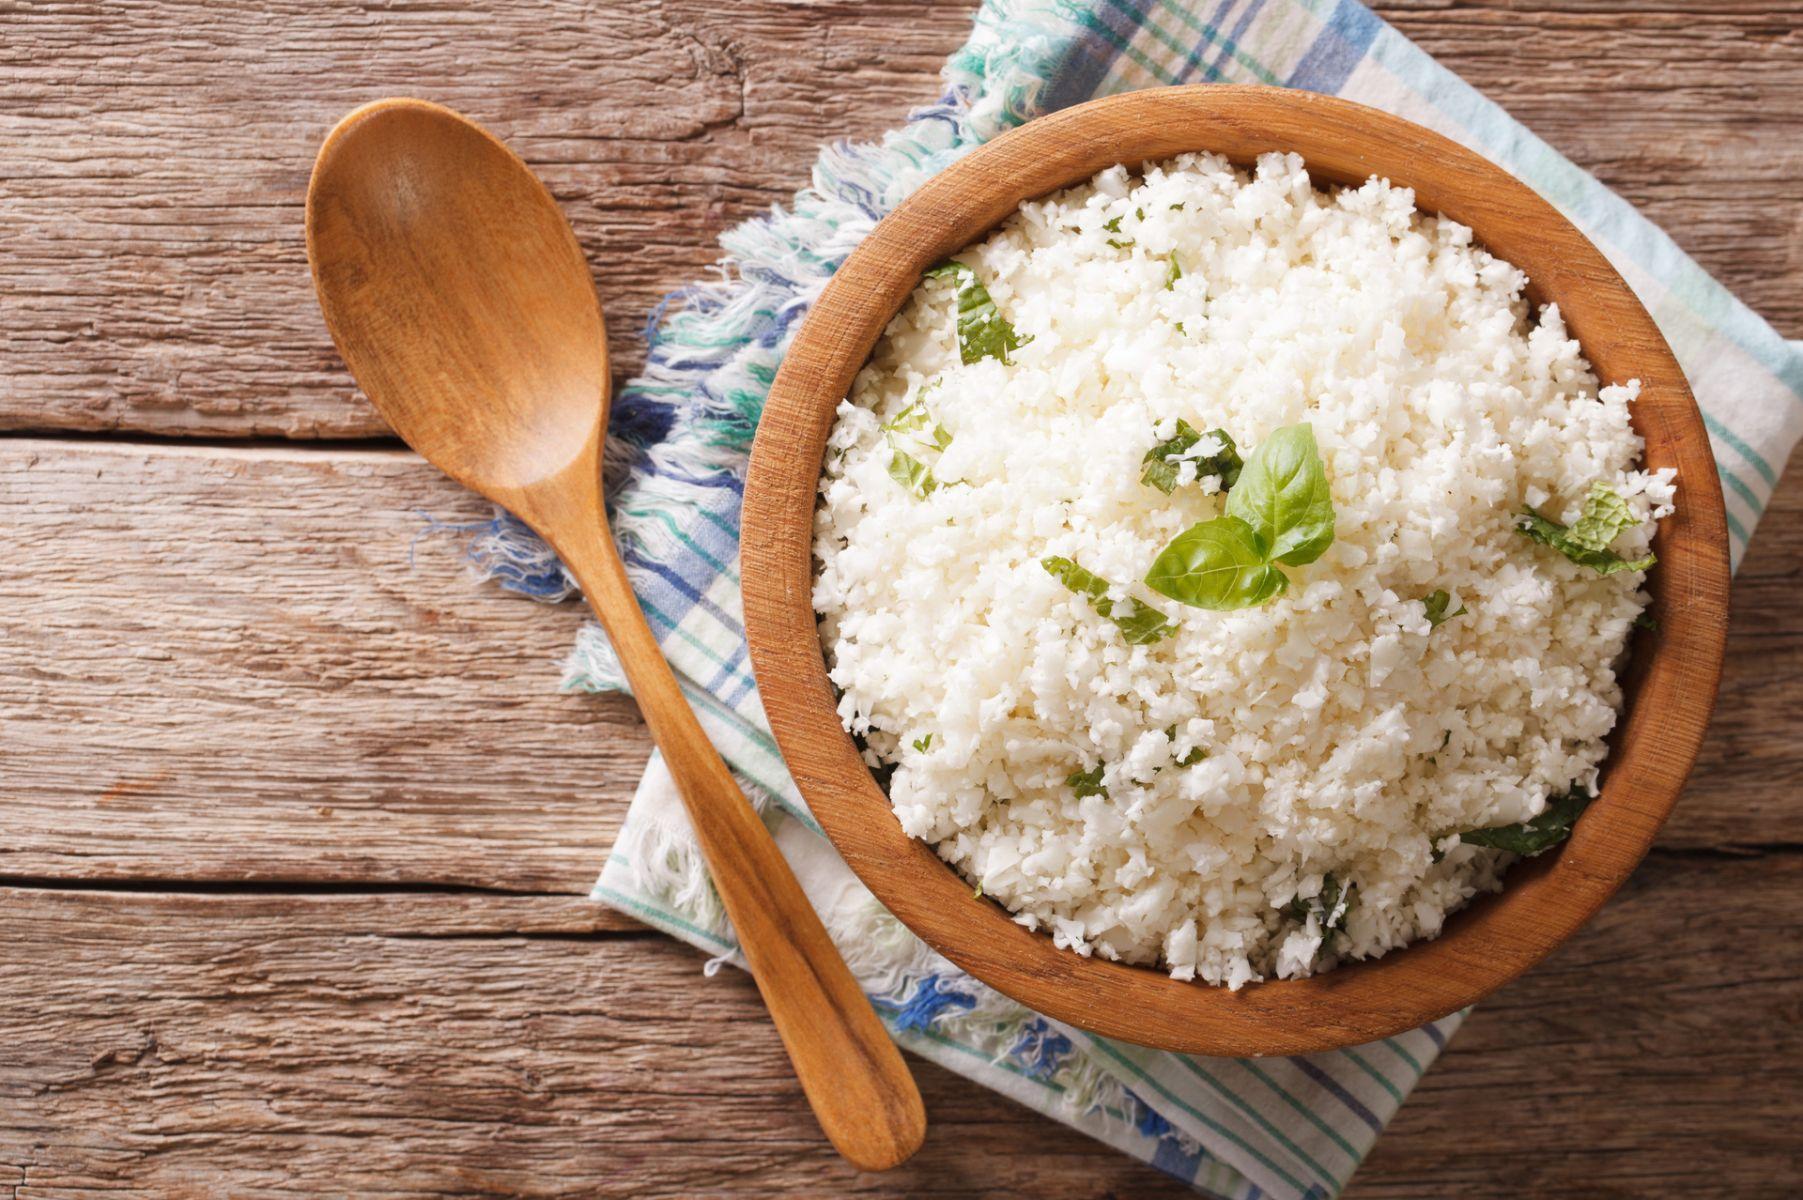 飯麵吃太多不好嗎?碳水化合物這樣吃,健康又長壽!